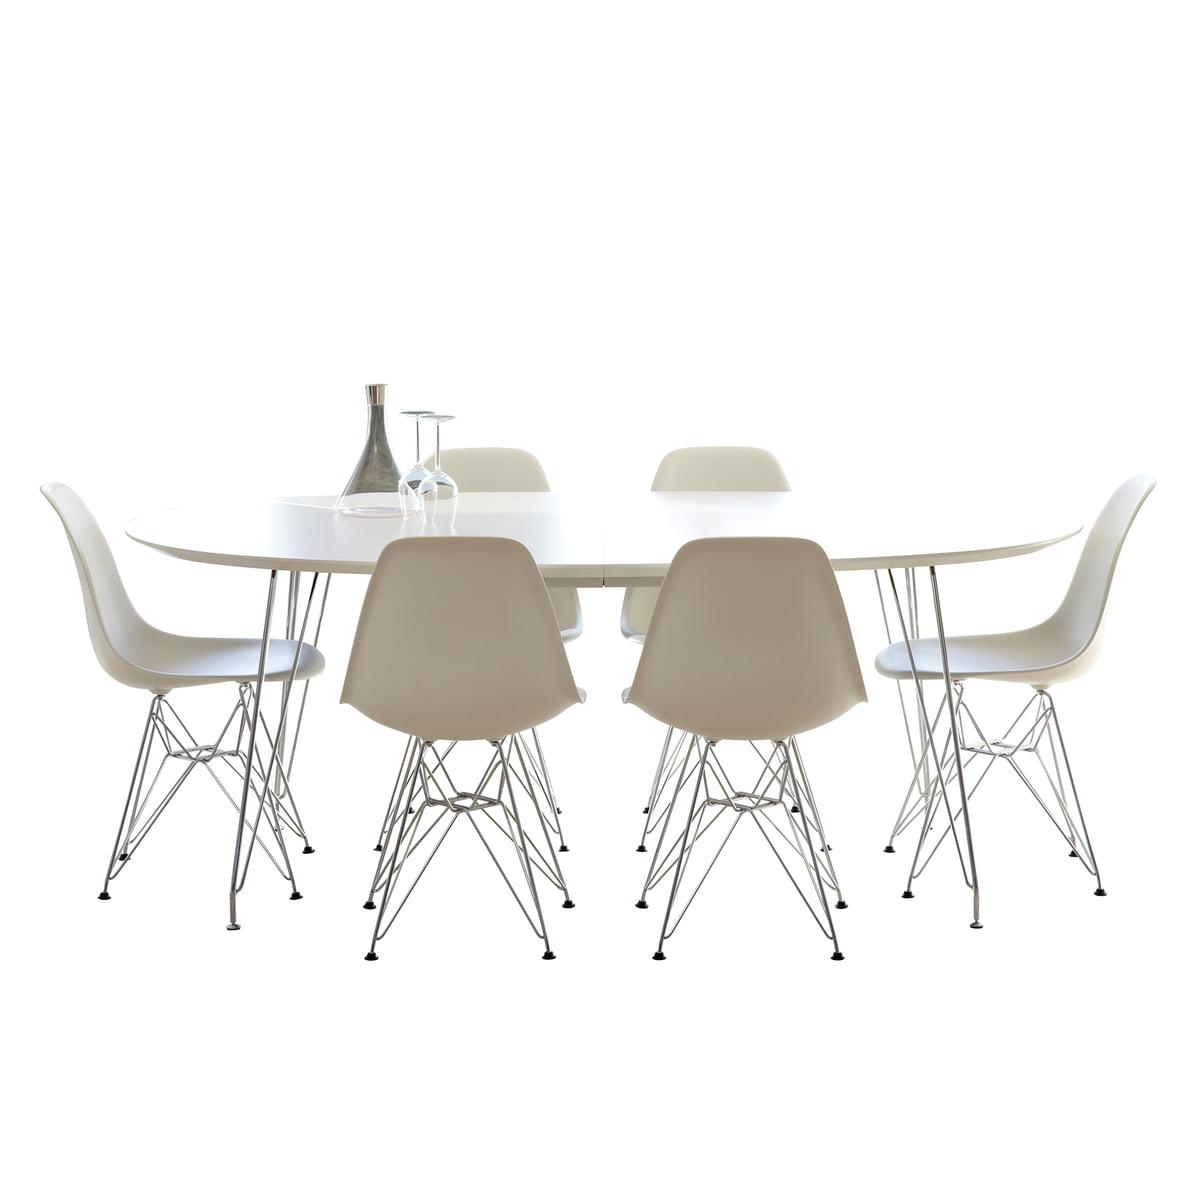 dk10 esstisch von andersen furniture. Black Bedroom Furniture Sets. Home Design Ideas